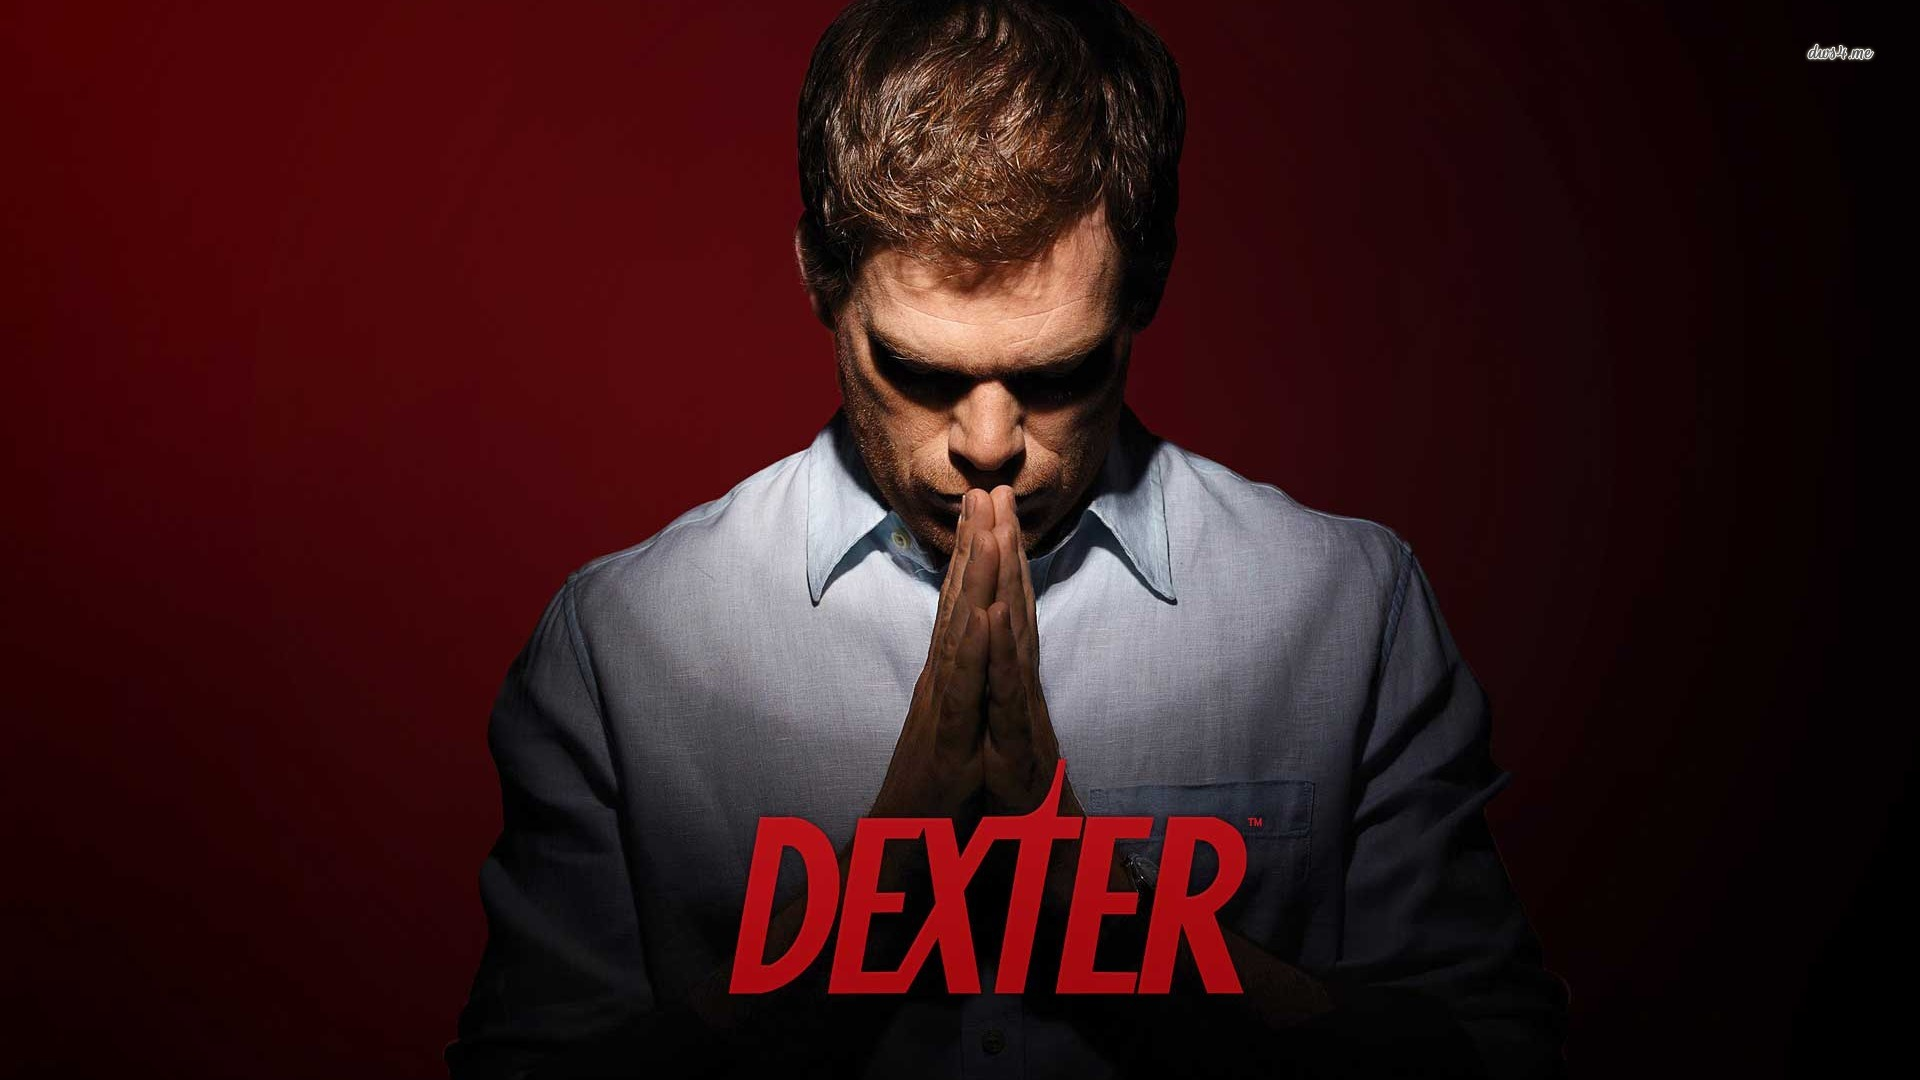 dexter-wallpaper-15.jpg